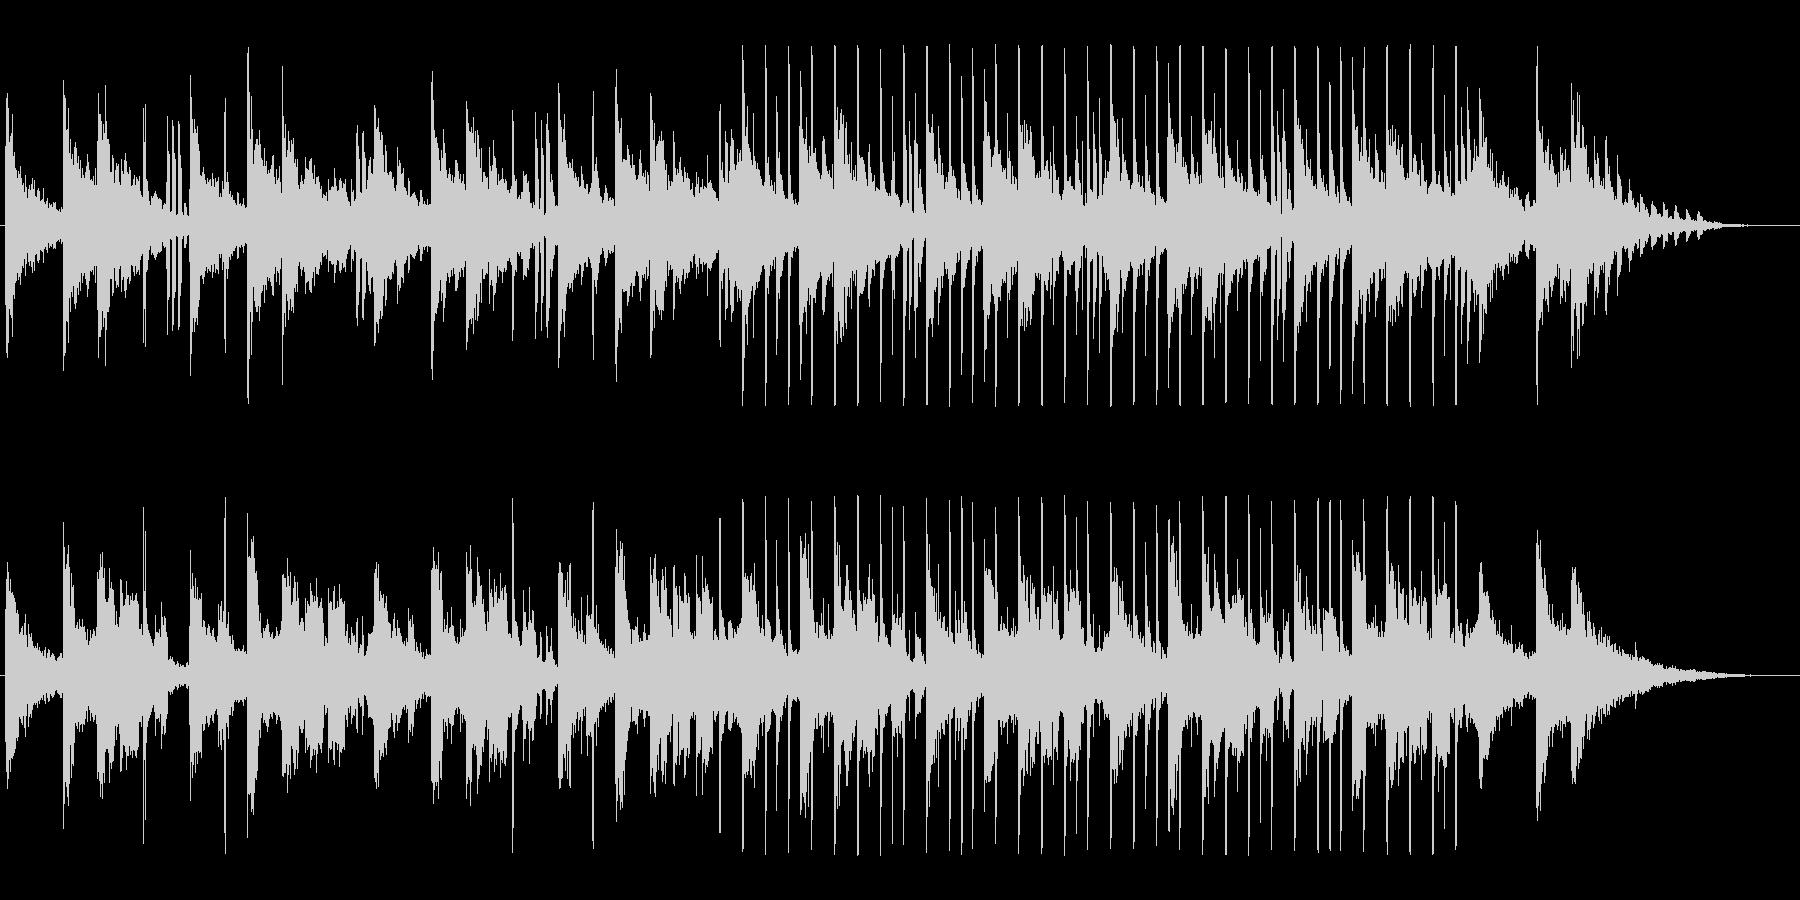 モダン&クリーン、幻想的エレクトロニックの未再生の波形